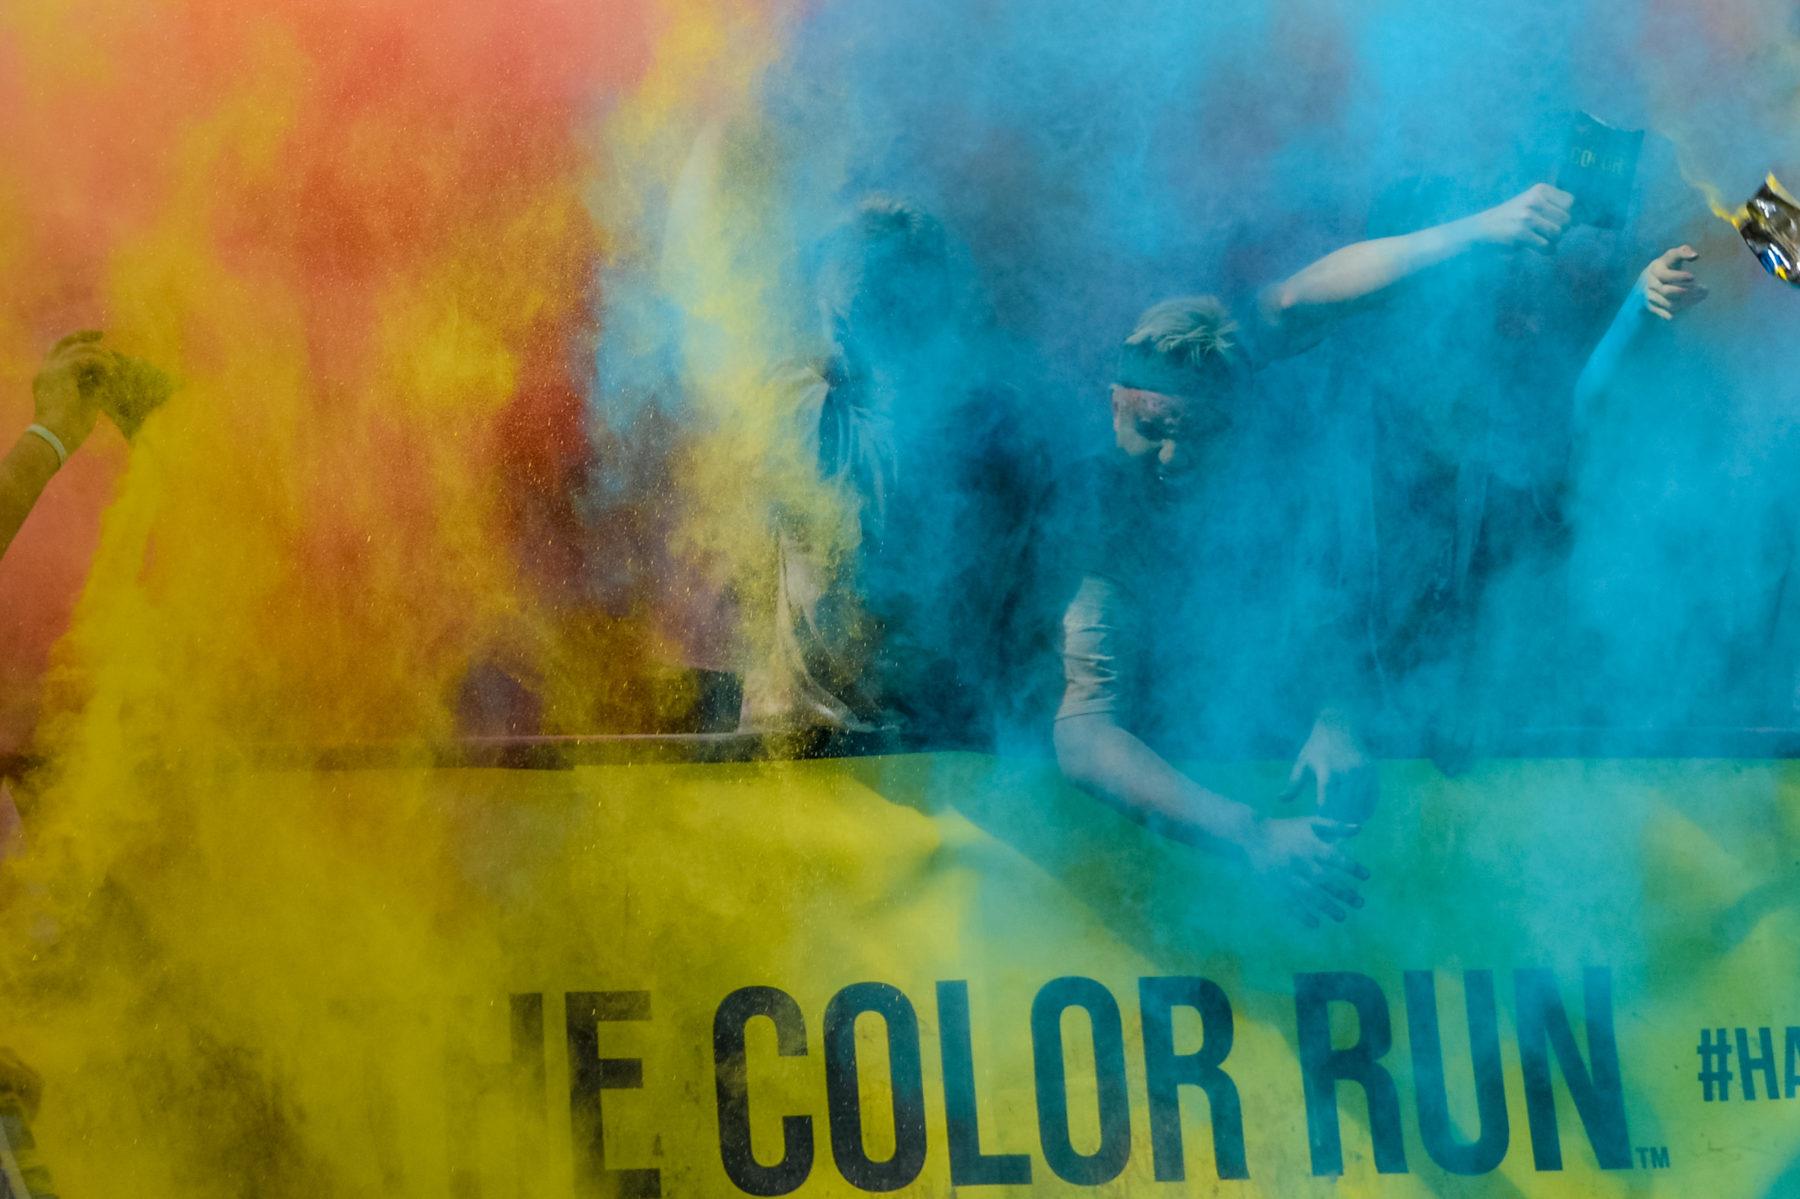 the color run 2016 mit kontraschall veranstaltungstechnik und t-shirt kanone daniel aminati